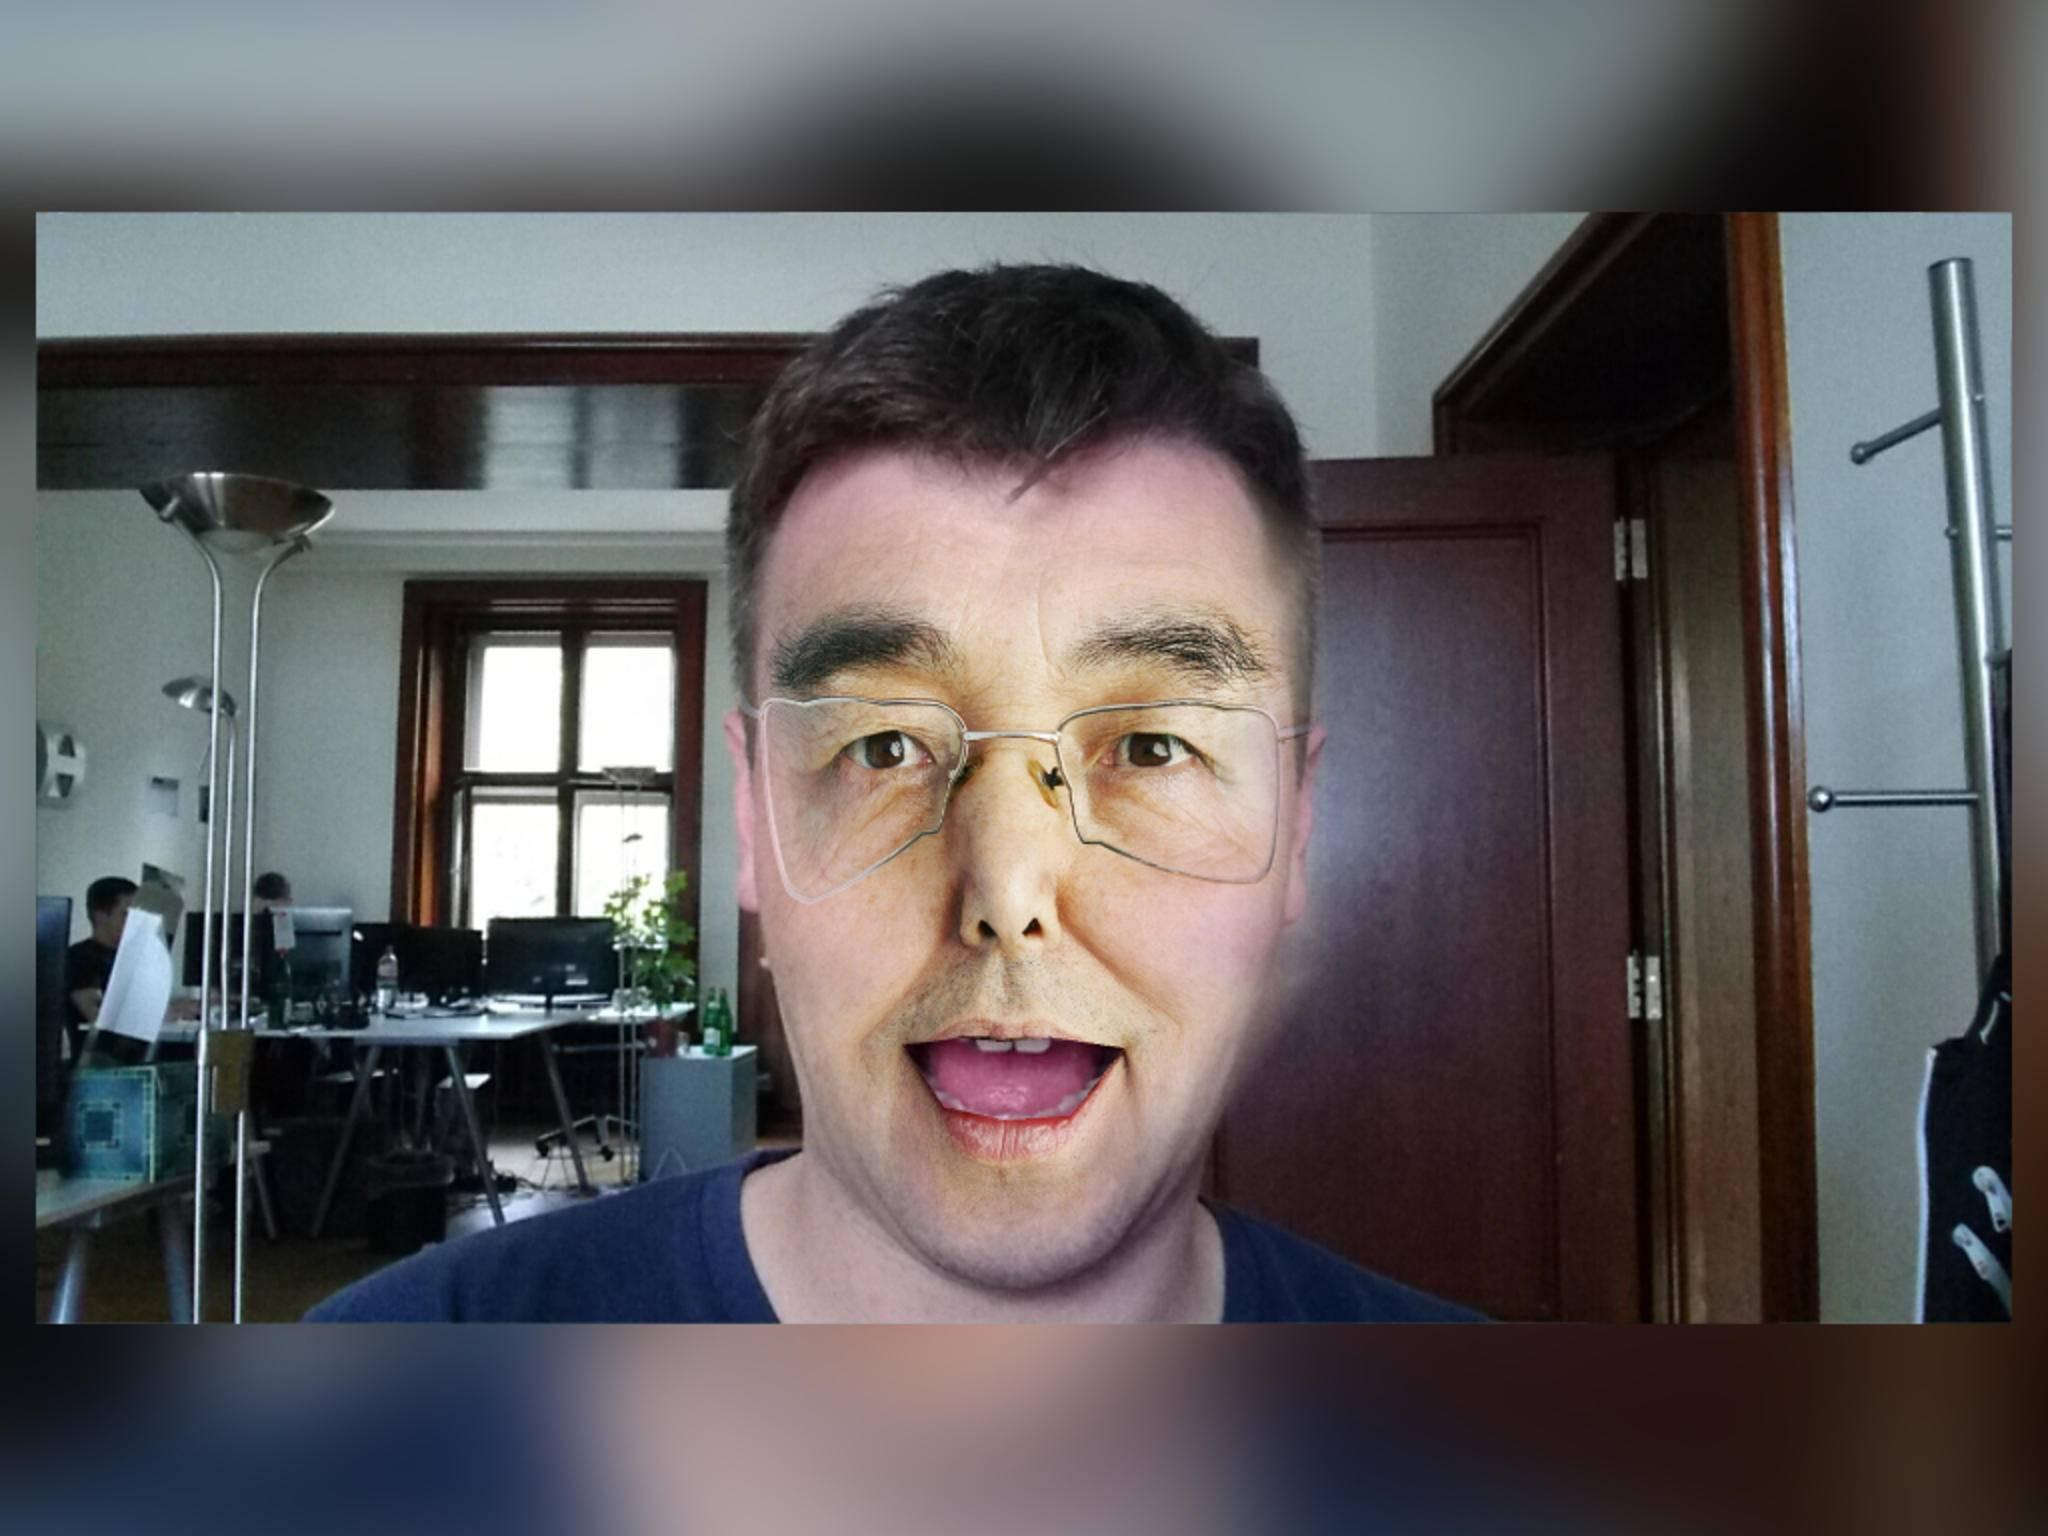 Auch das eigene Gesicht lässt sich augmentieren.